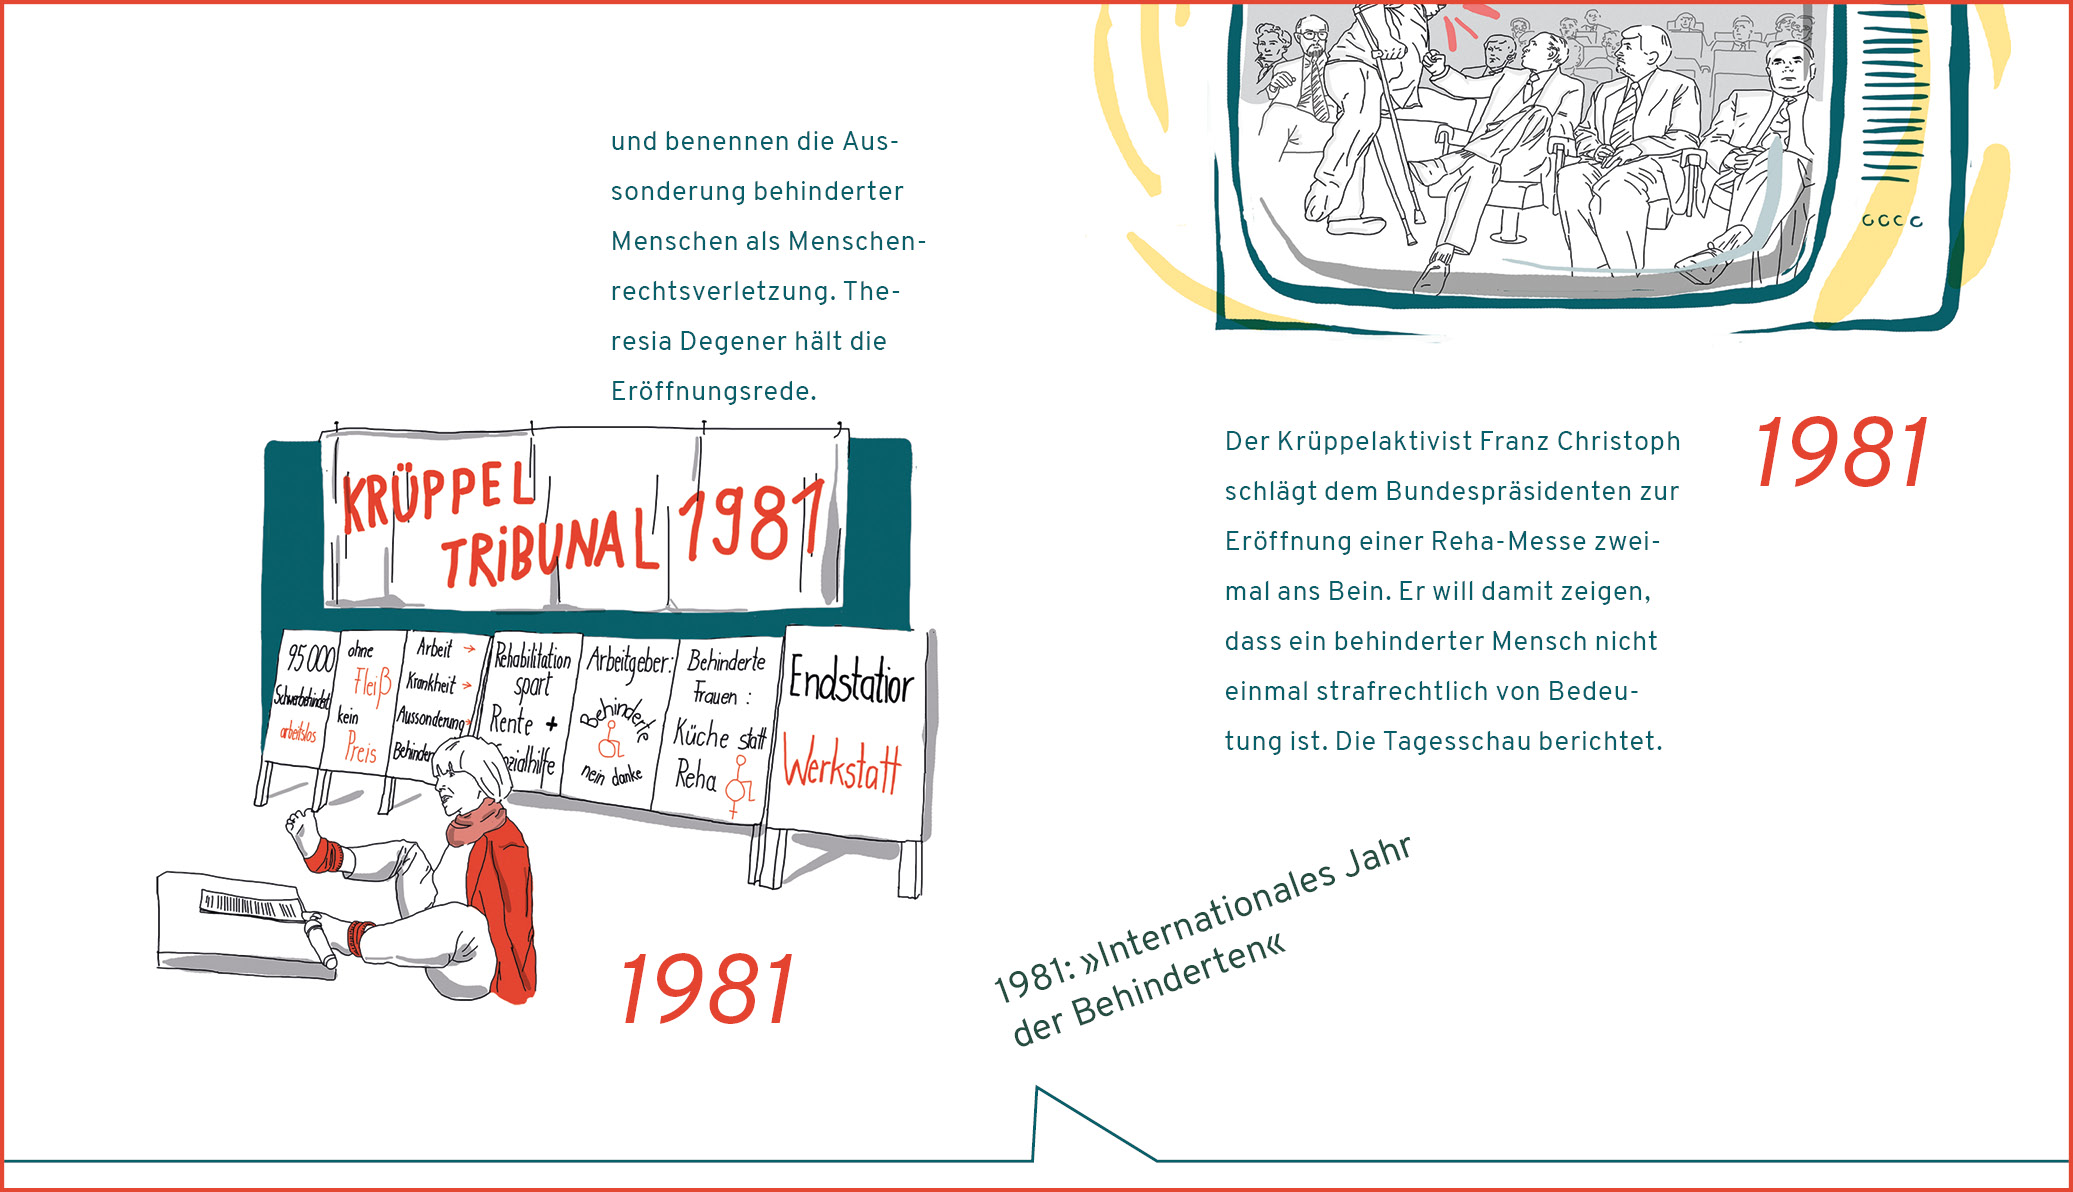 Darstellung des Jahres 1981 Internationales der Behinderten